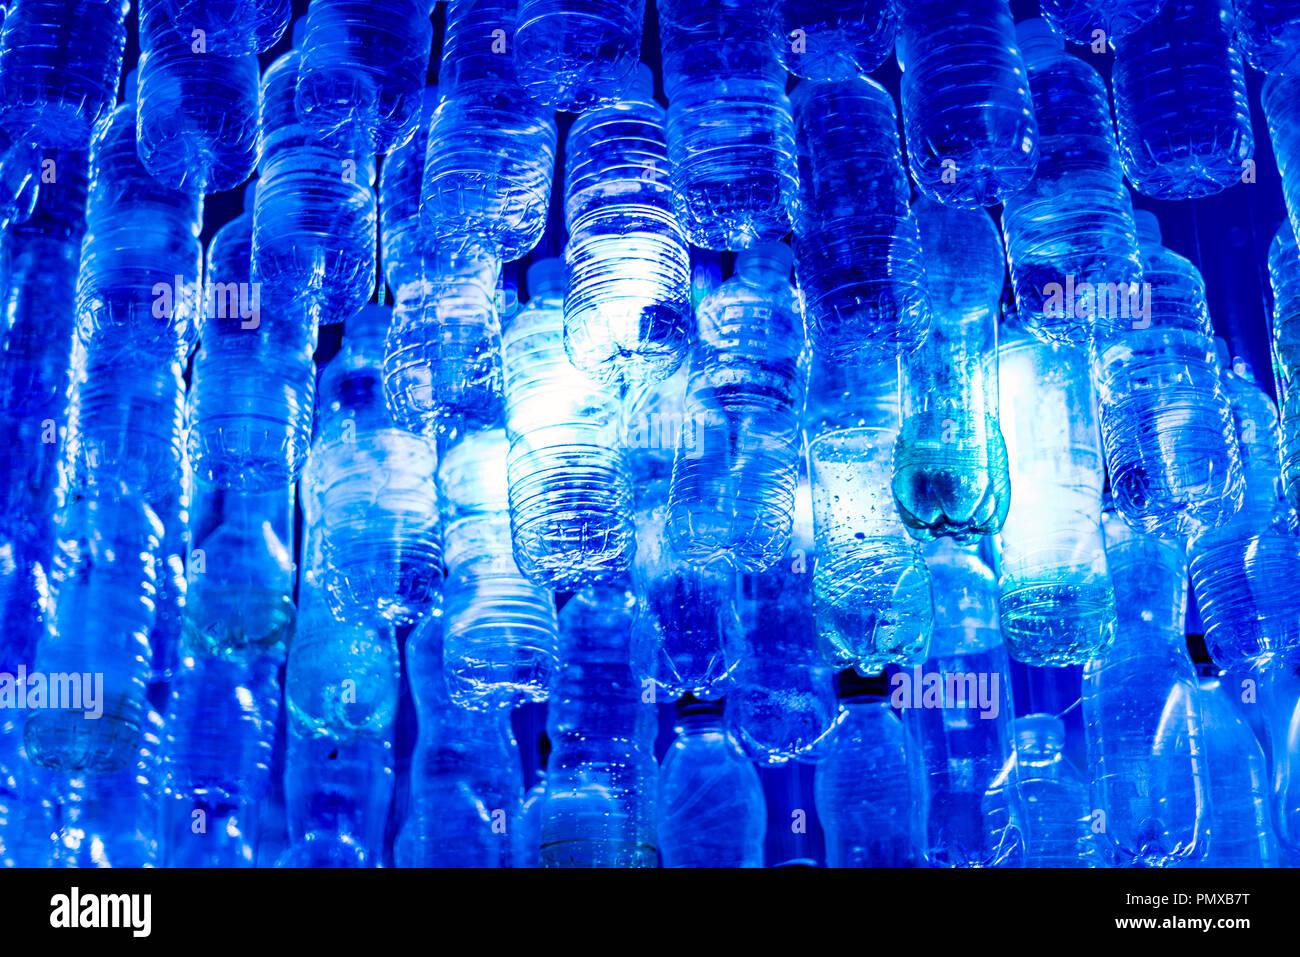 Instalación hecha desde botellas recuperadas de océano en el Southampton Boat Show 2018 ilustrando la cantidad de plásticos en los océanos. Imagen De Stock